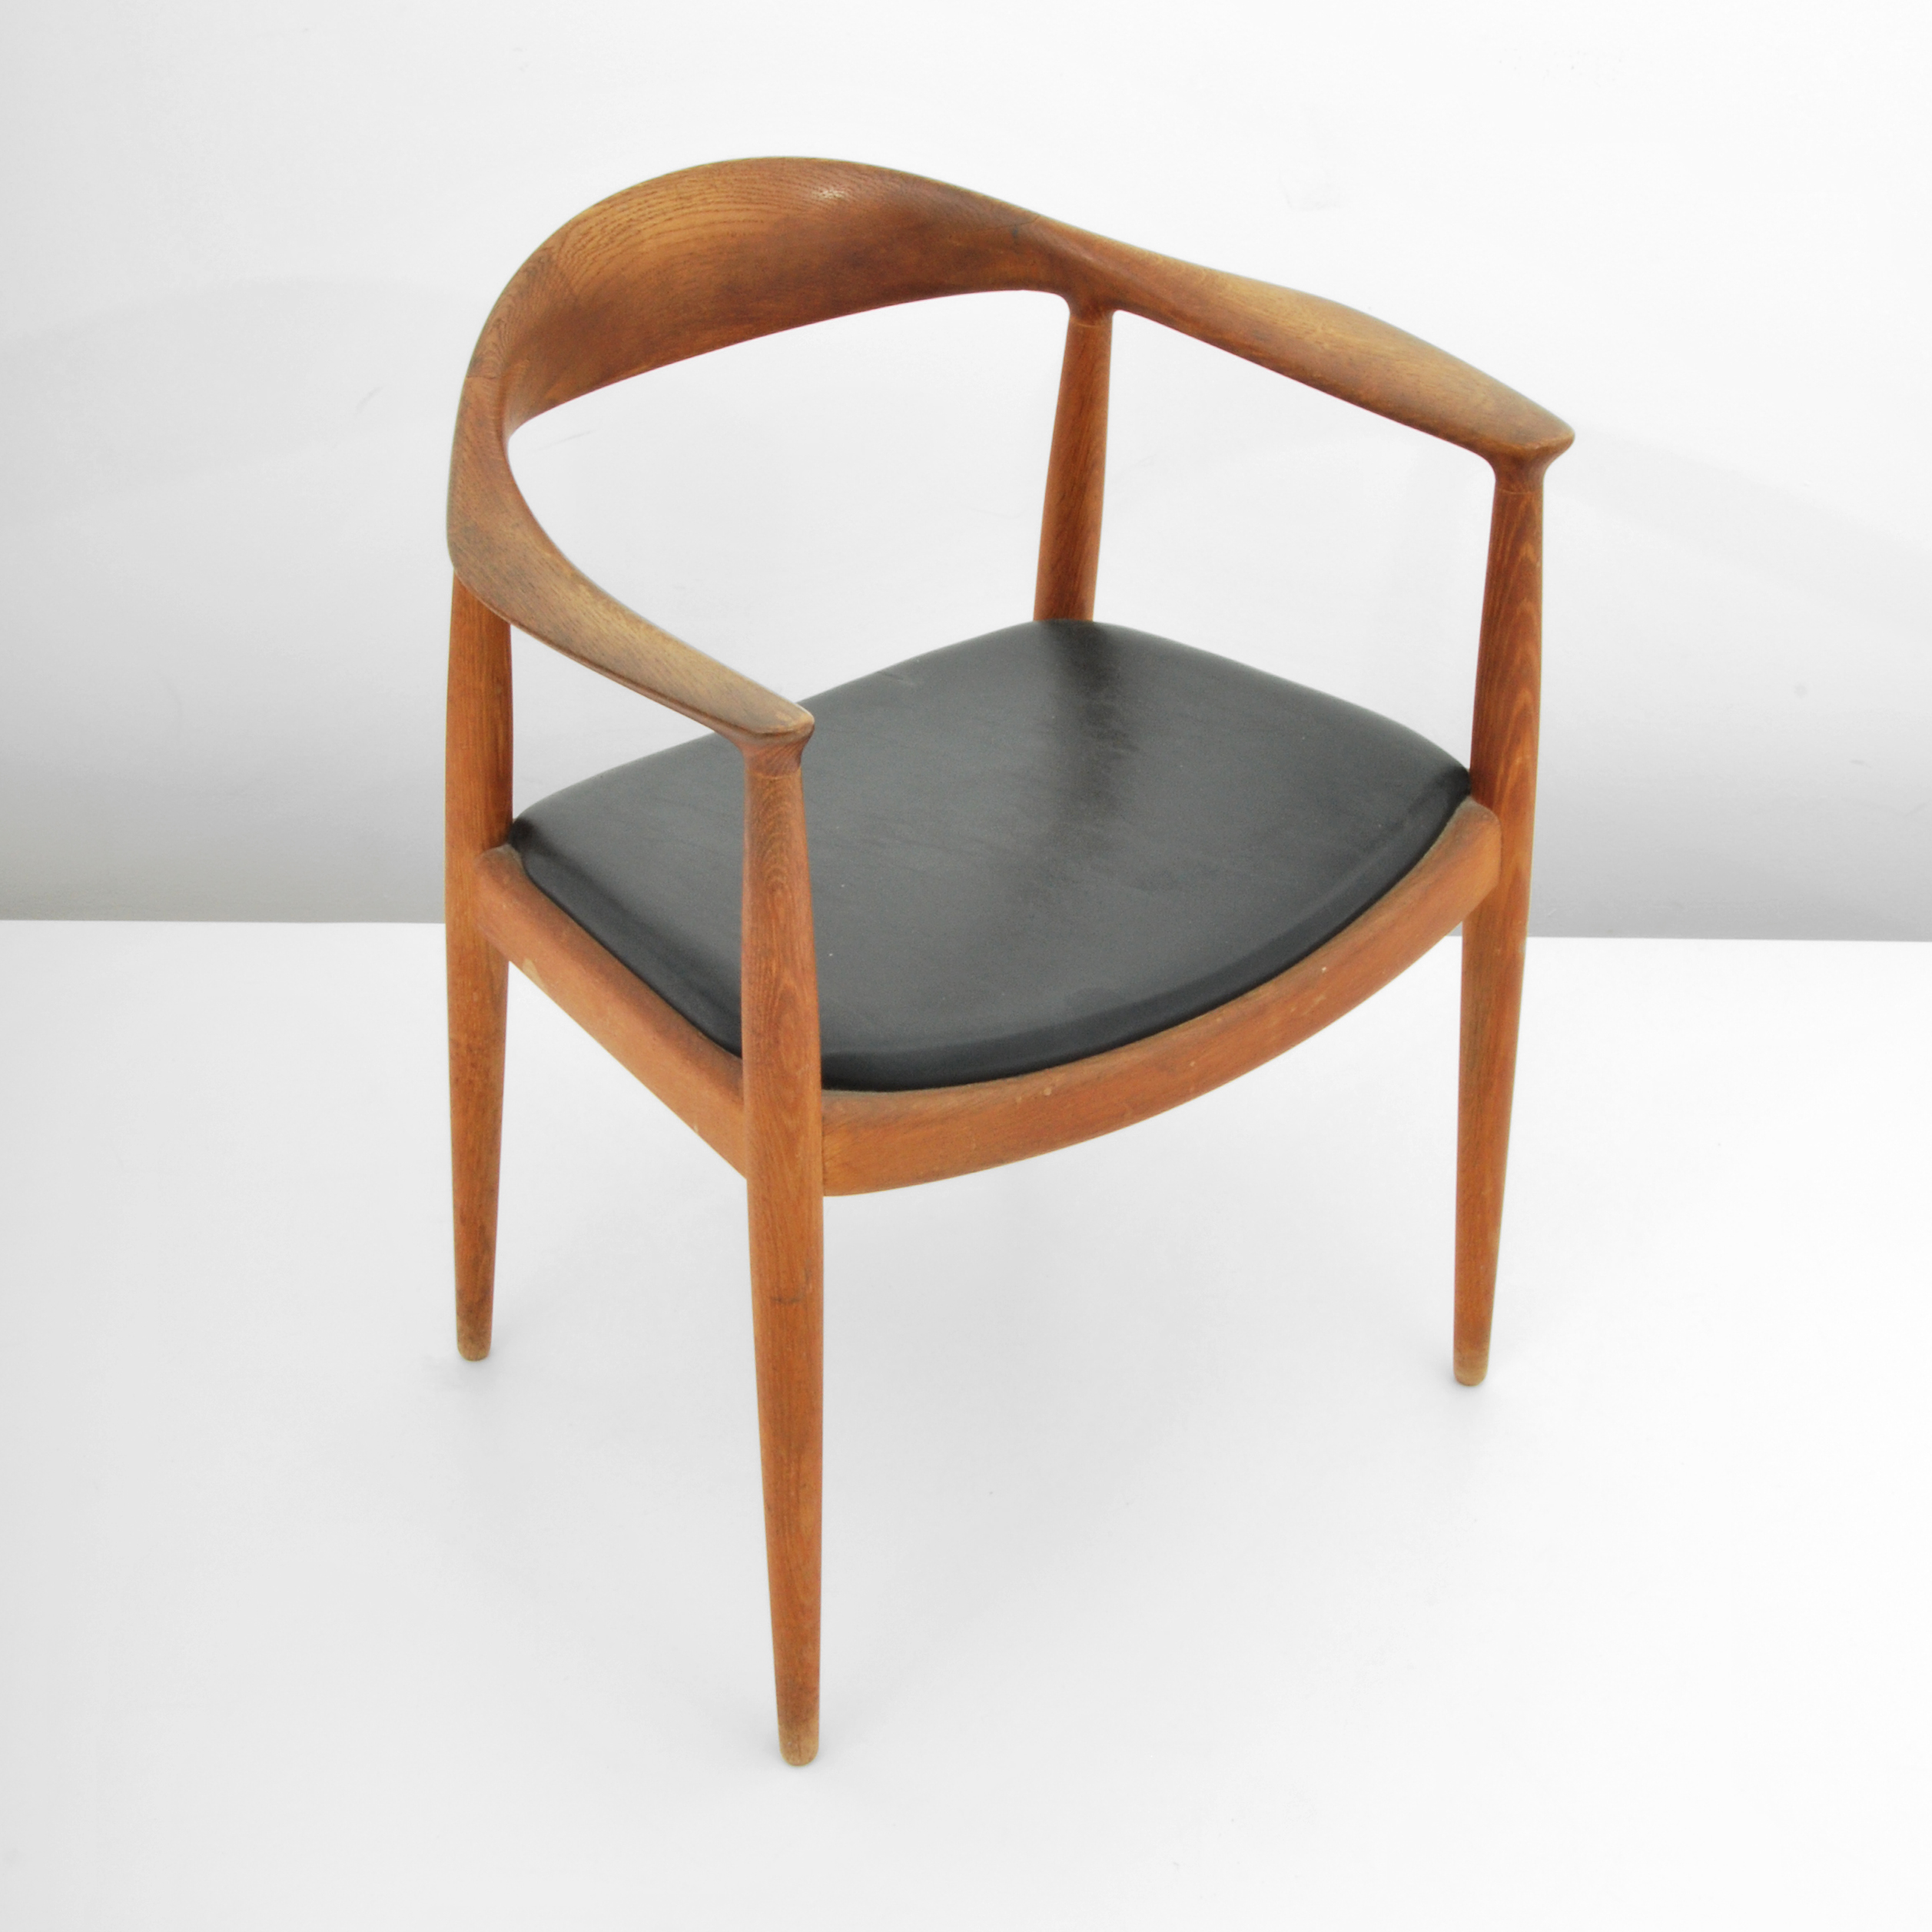 chair design brands cesca replacement seats uk 1960 danish furniture designers bedroom modern